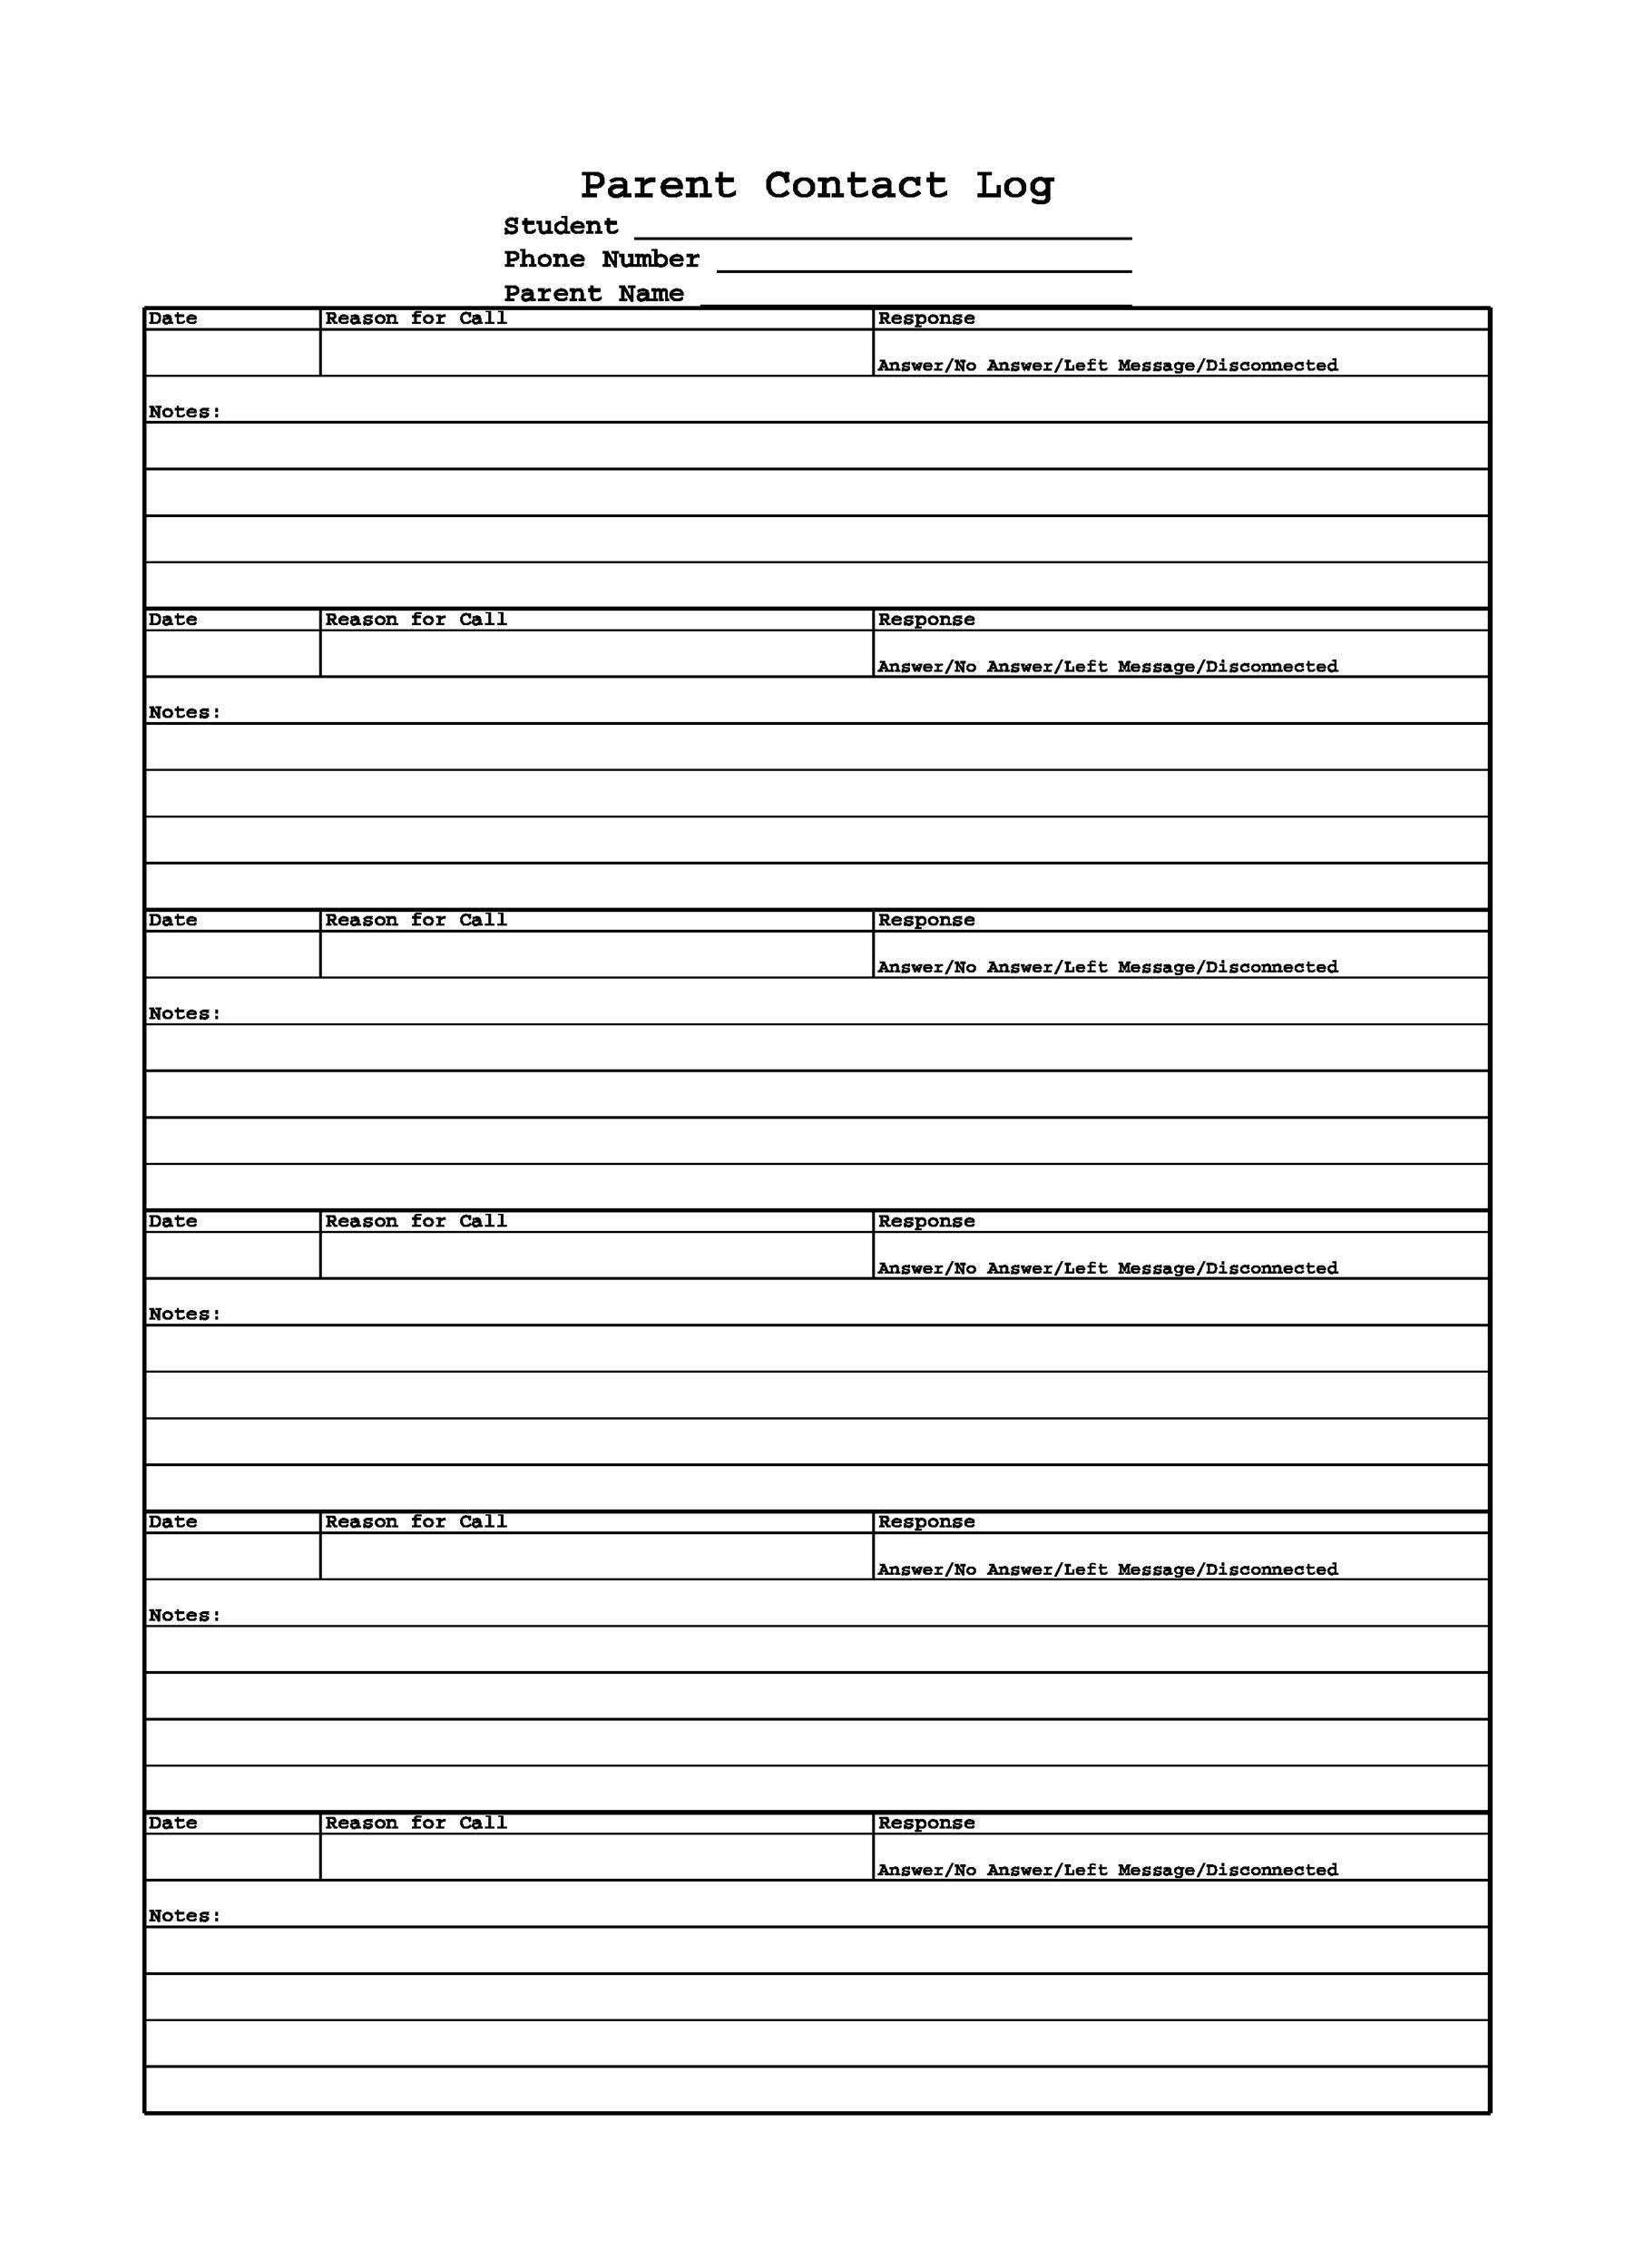 Free parent contact log 41